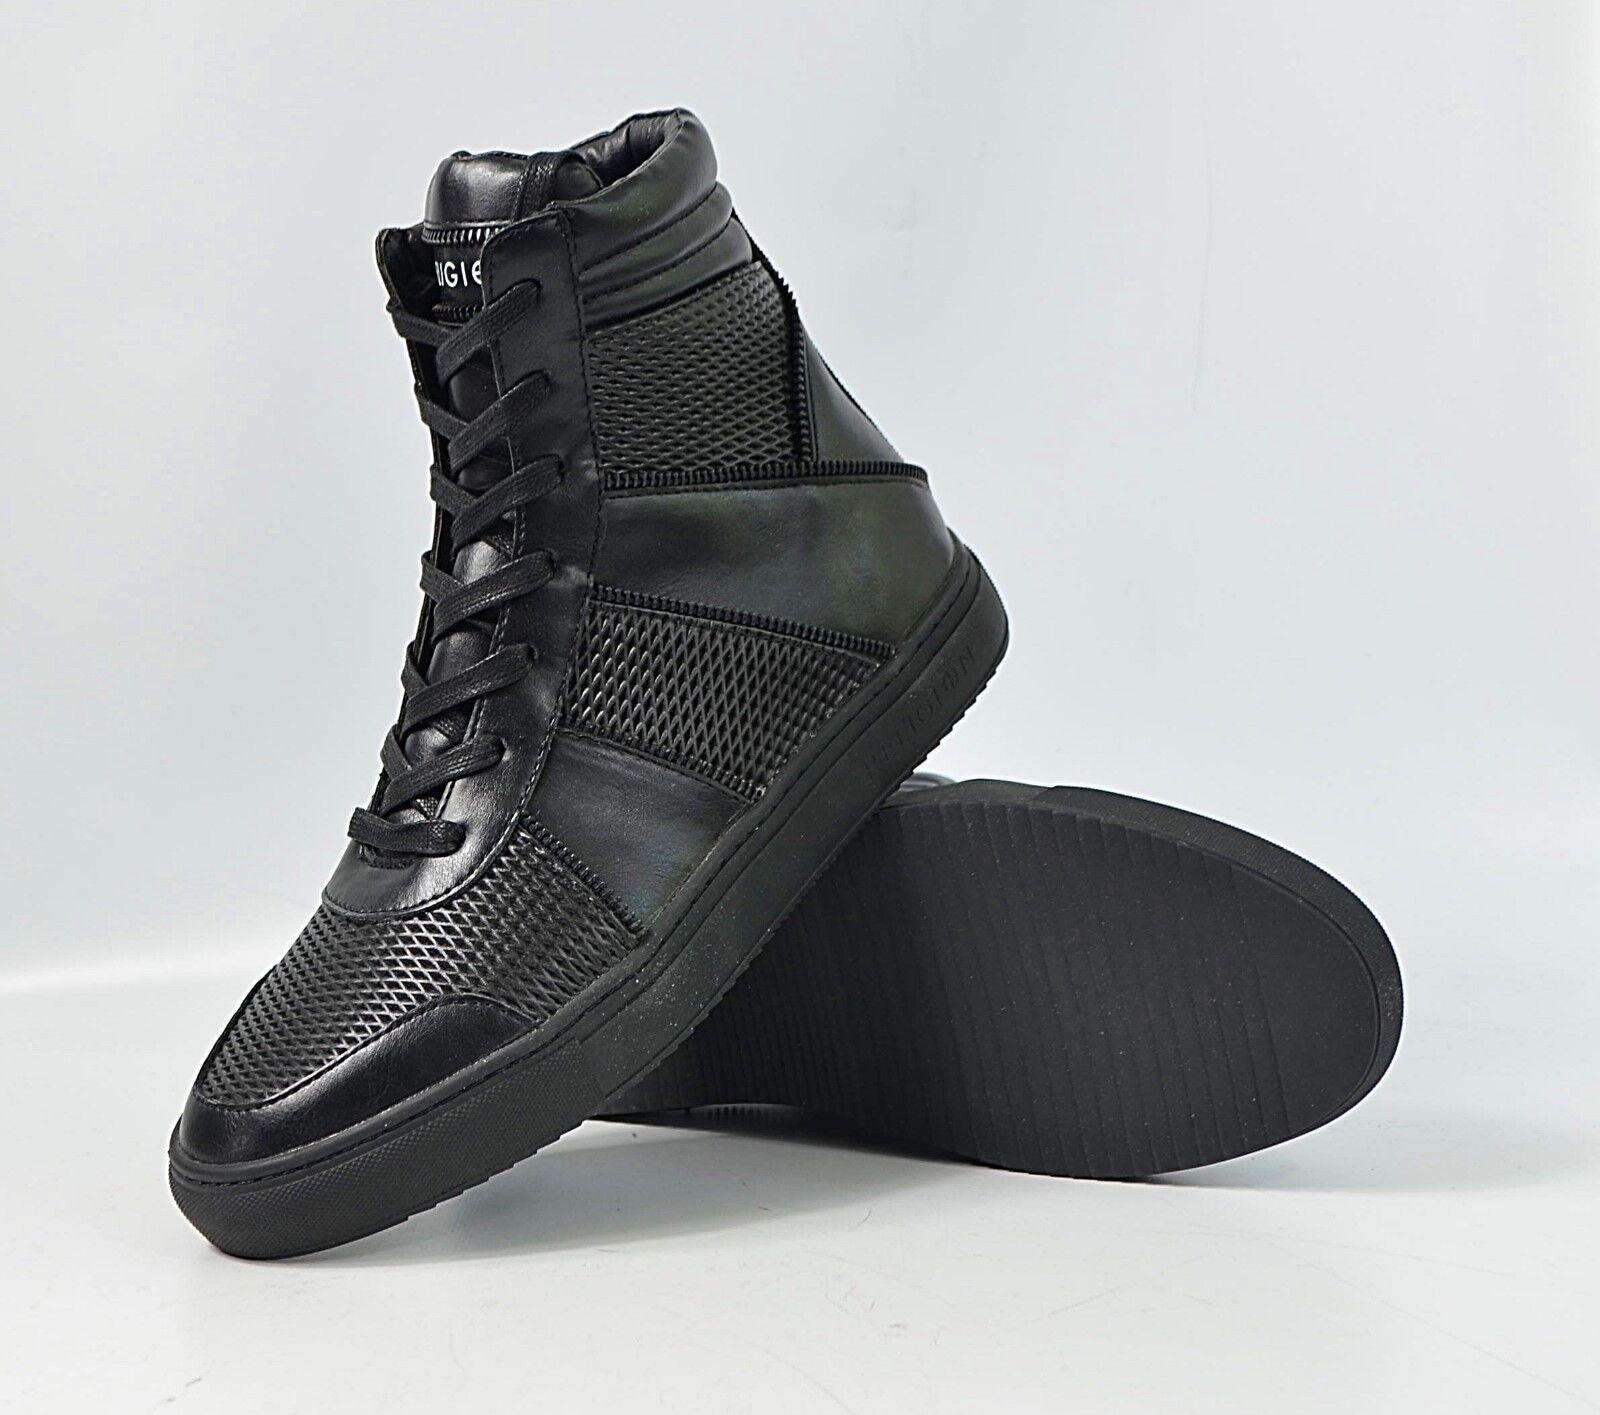 Religione Stivali 42 Zipper Hi Top Tg. 42 Stivali boots, uomo/donna Scarpe 5/18 m2 r3 8e507e